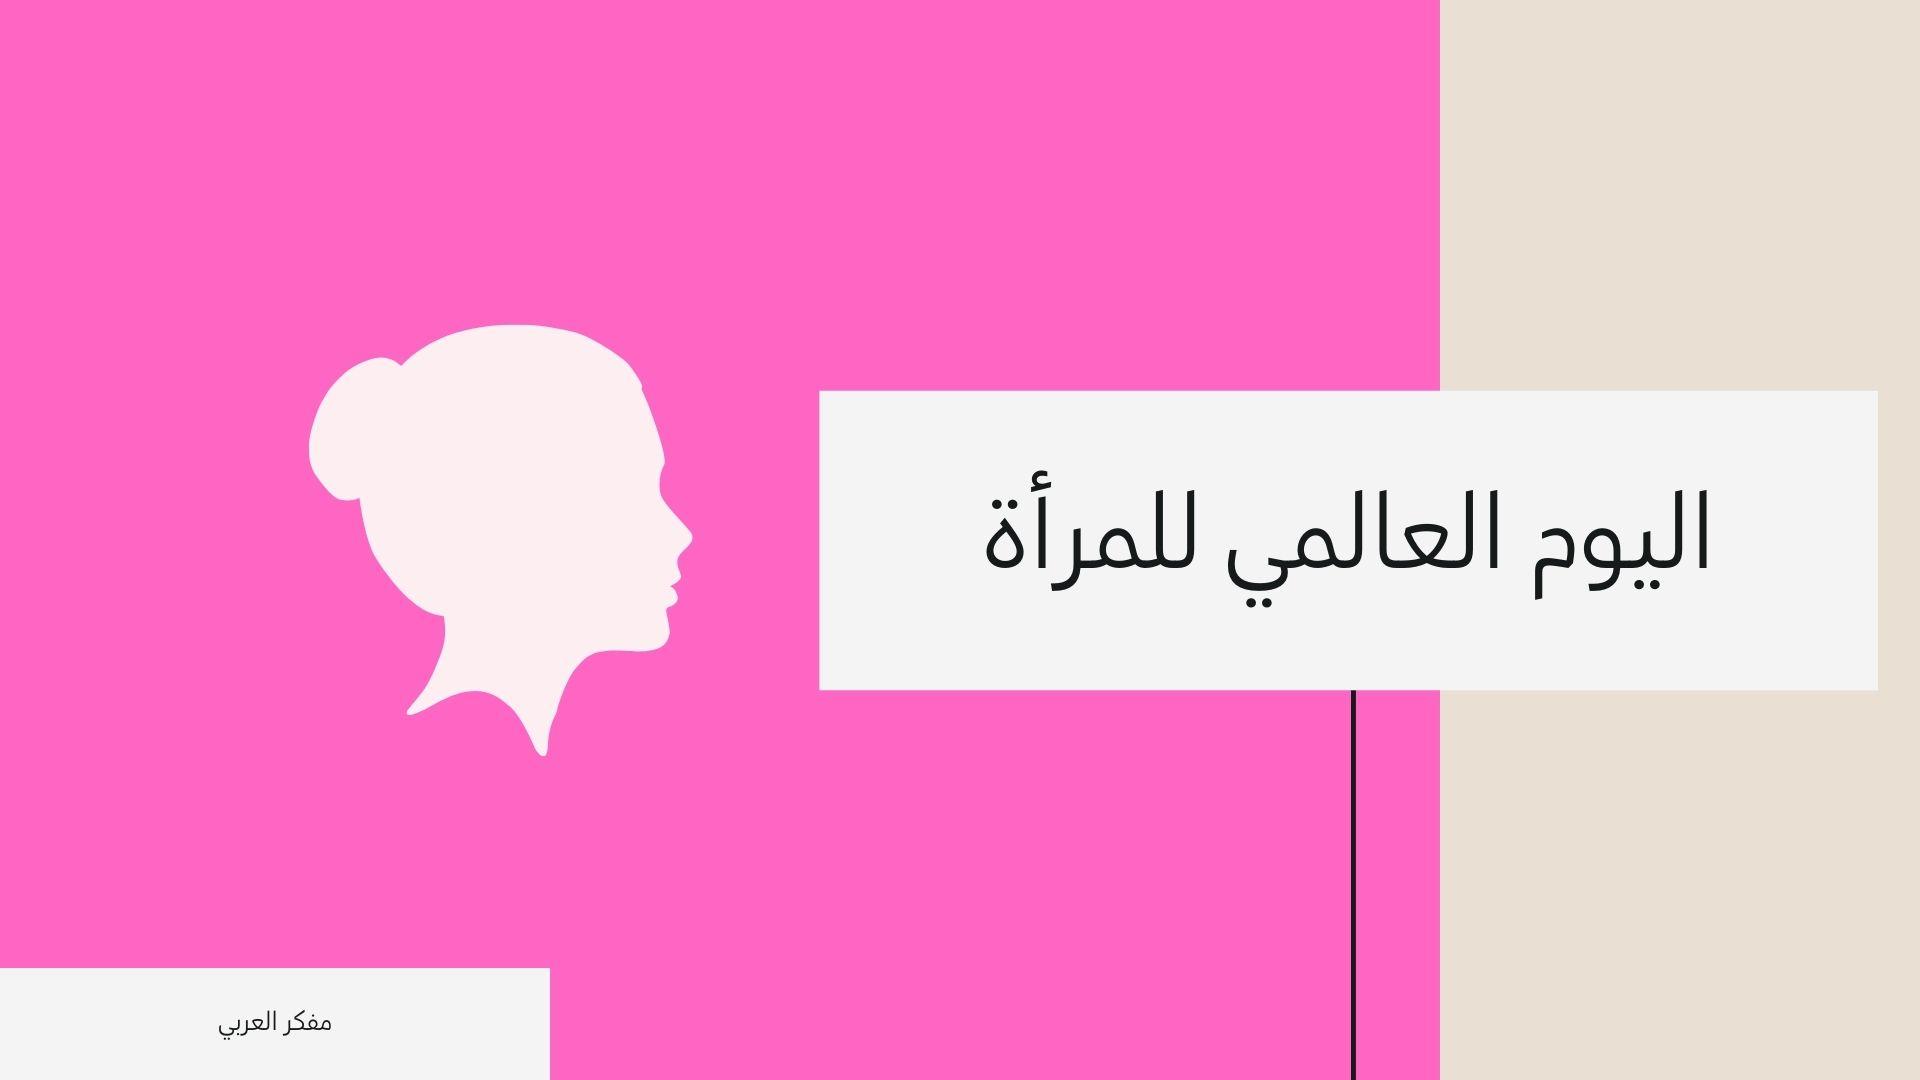 كلمات عن يوم المرأة العالمي